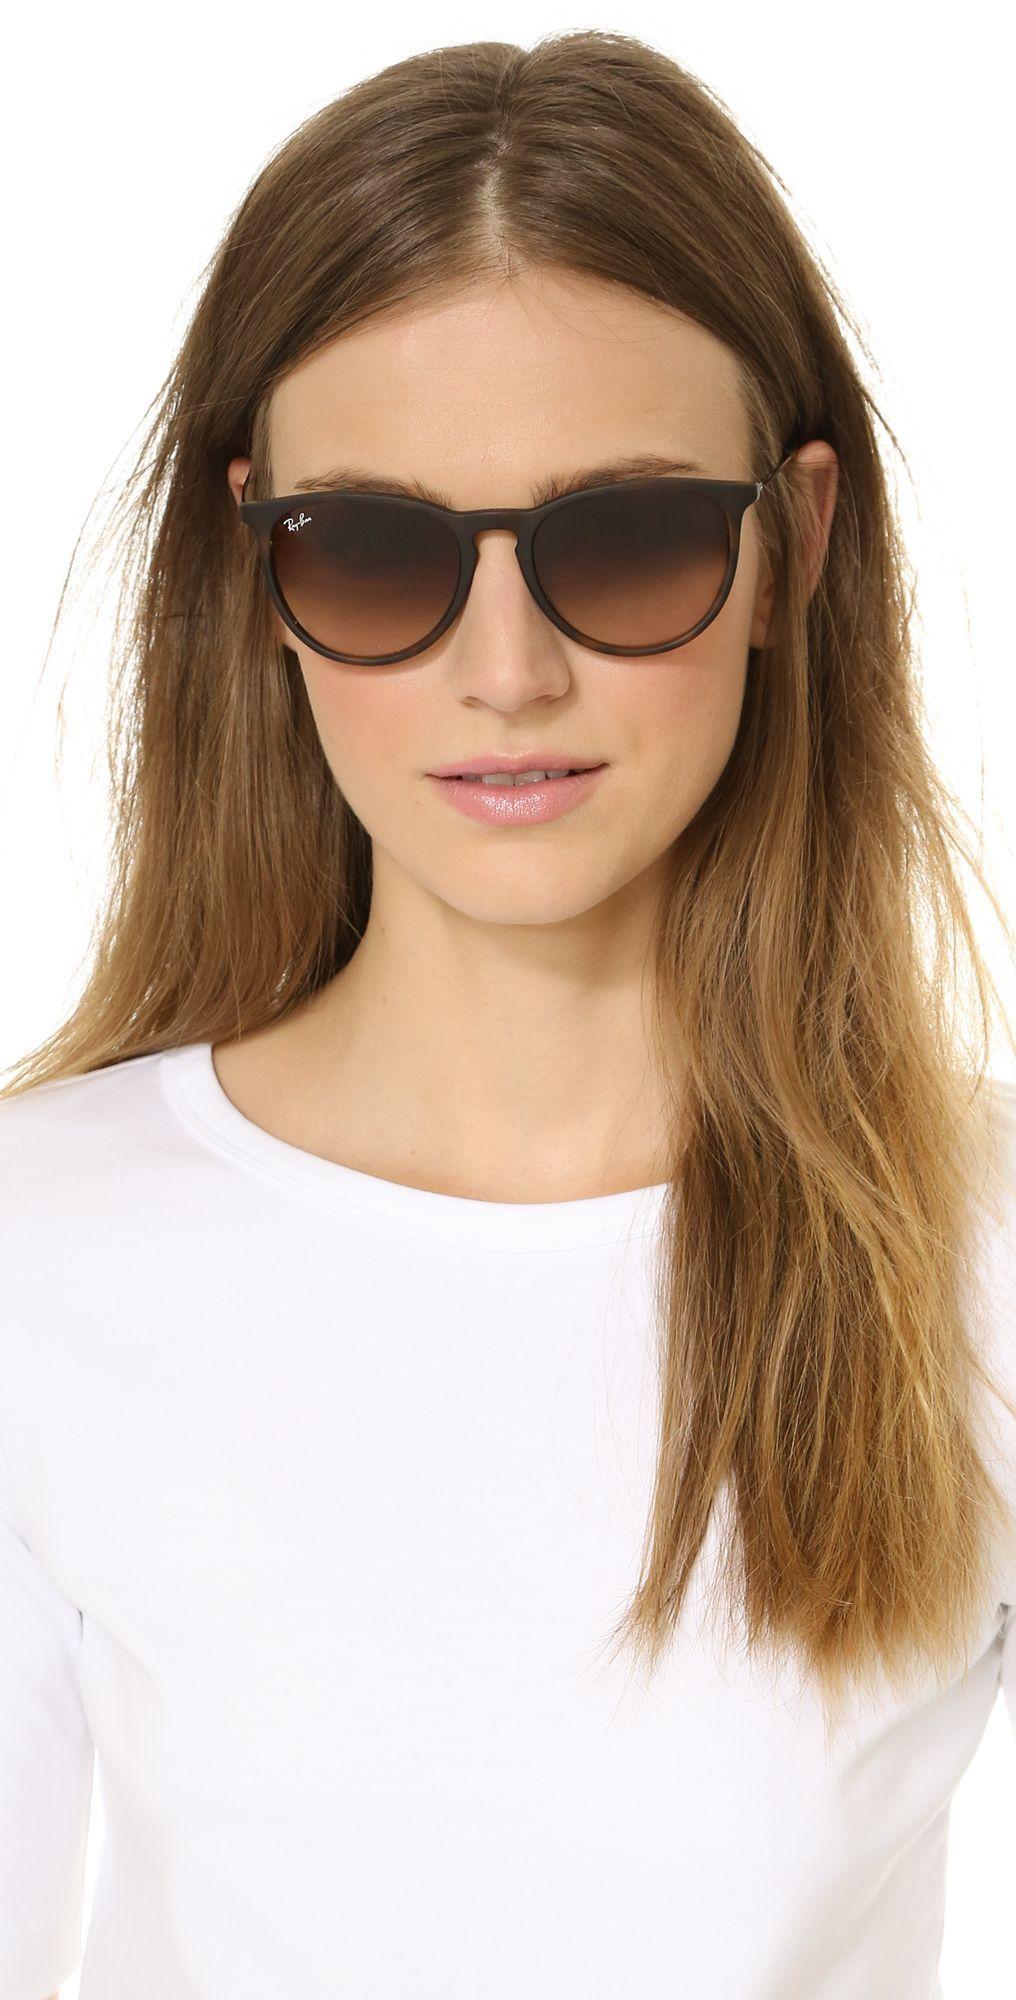 bf95ab68e9e4 Ray-Ban Erika Sunglasses